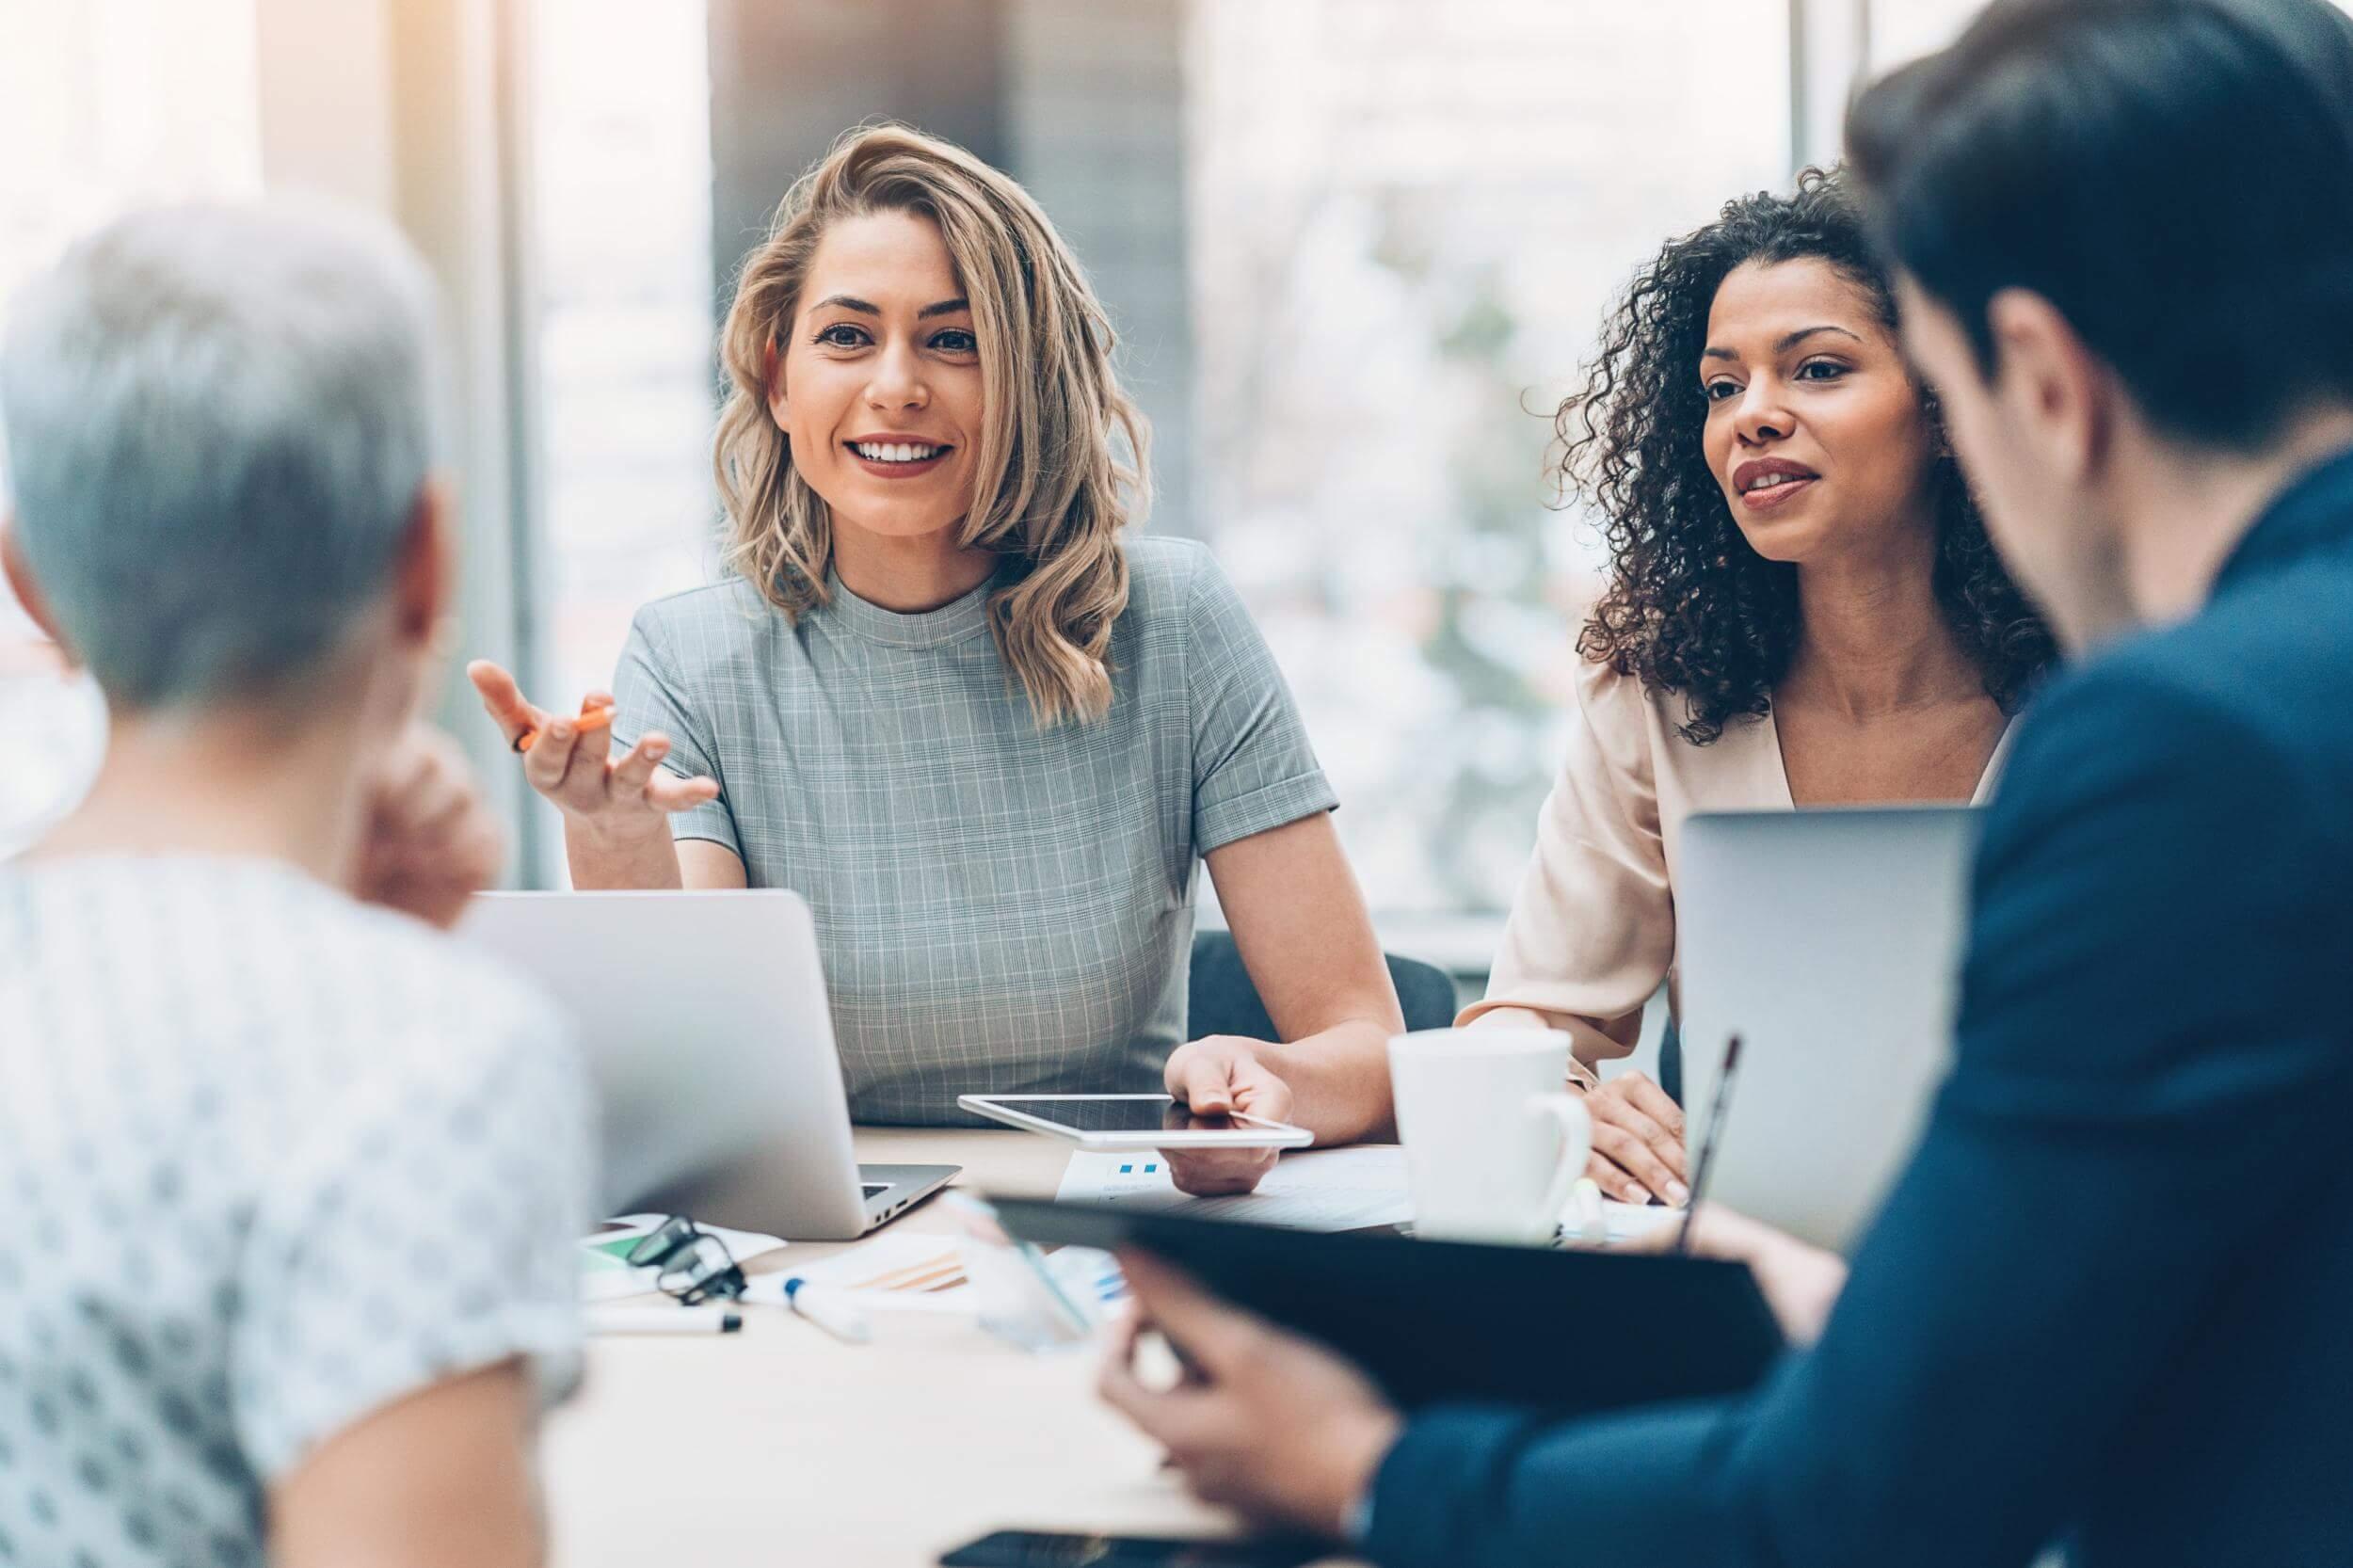 چگونه کارکنانی استخدام کنیم که هوش هیجانی بالایی دارند